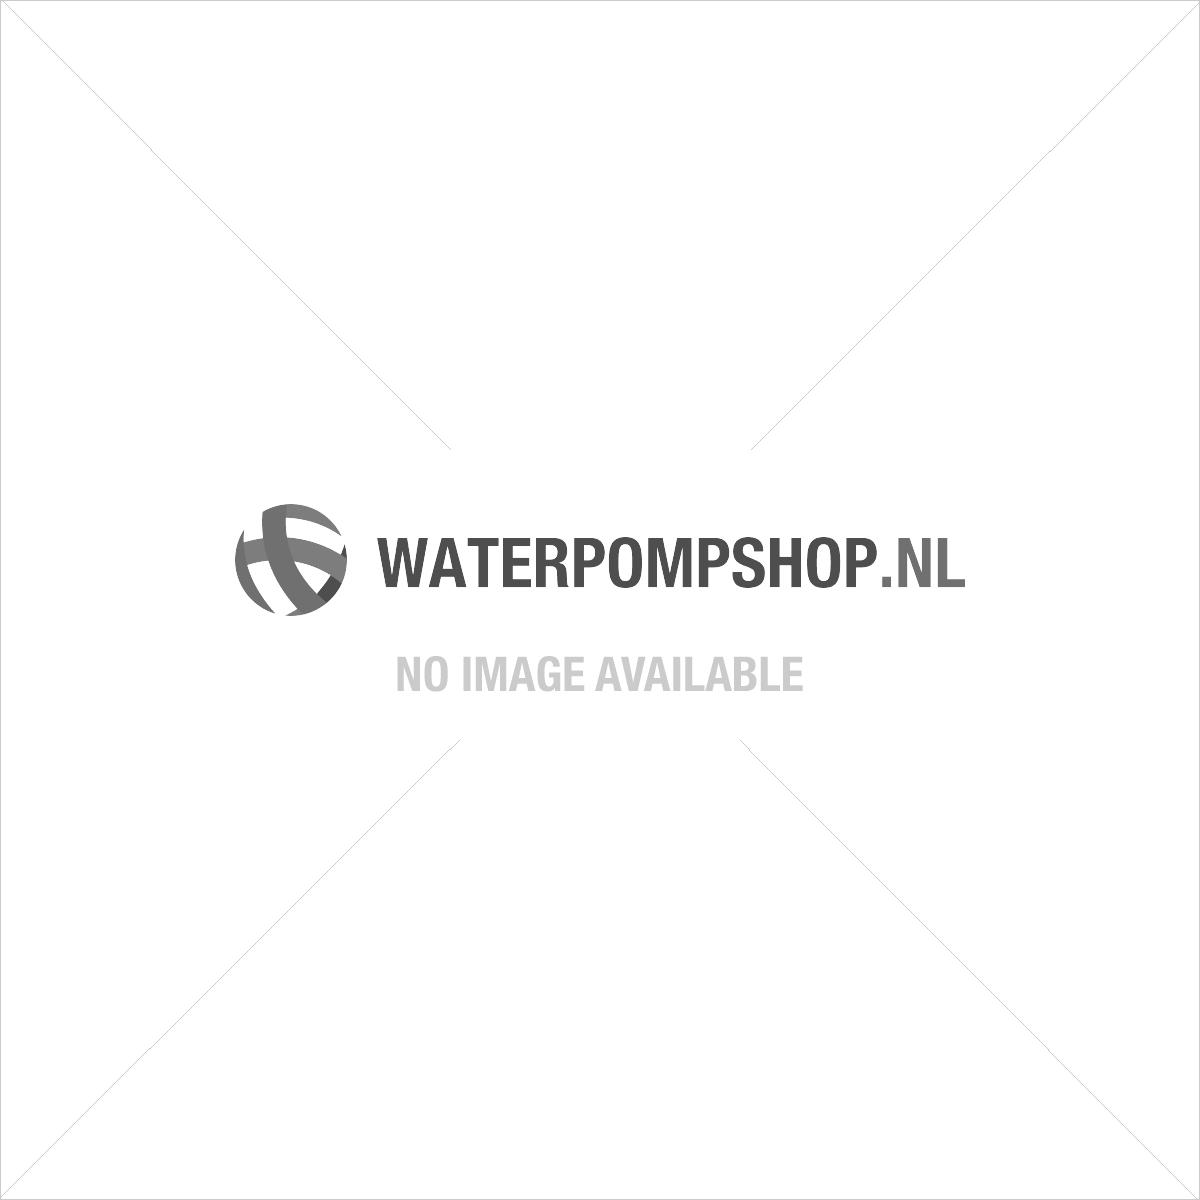 Voorbeeld: Direct water aanzuigen vanuit een put, sloot, vijver, kanaal, rivier, grondwaterbron, of een andere waterbron